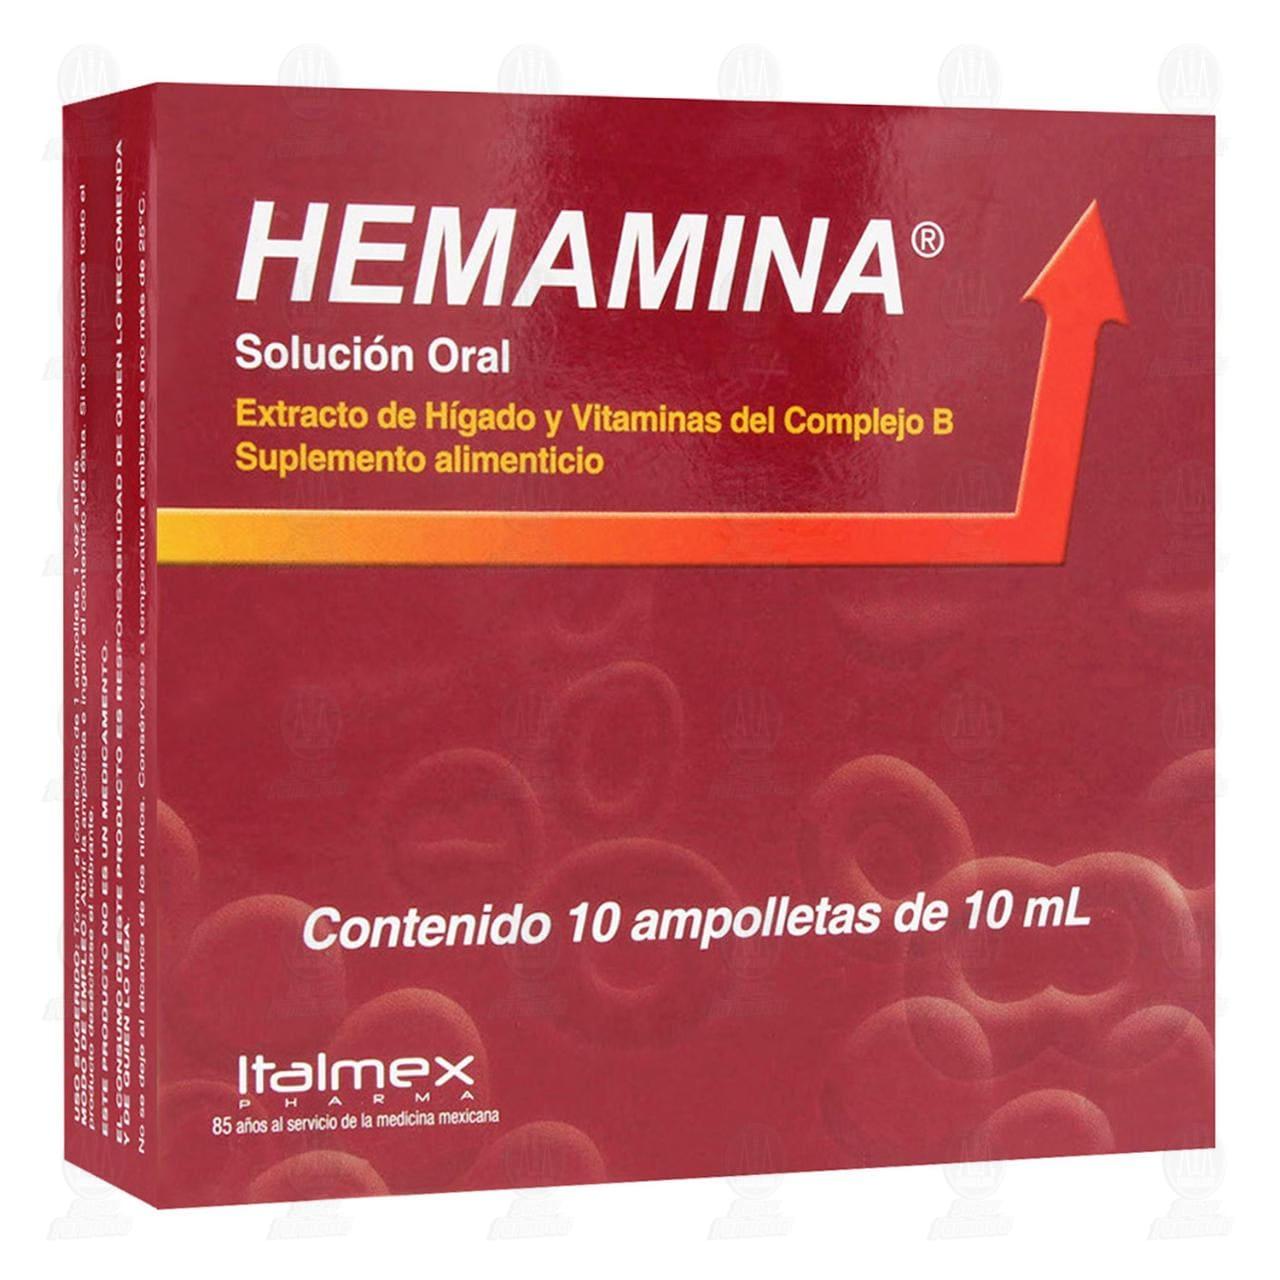 Comprar Hemamina 10ml 10 Ampolletas Solución Oral en Farmacias Guadalajara